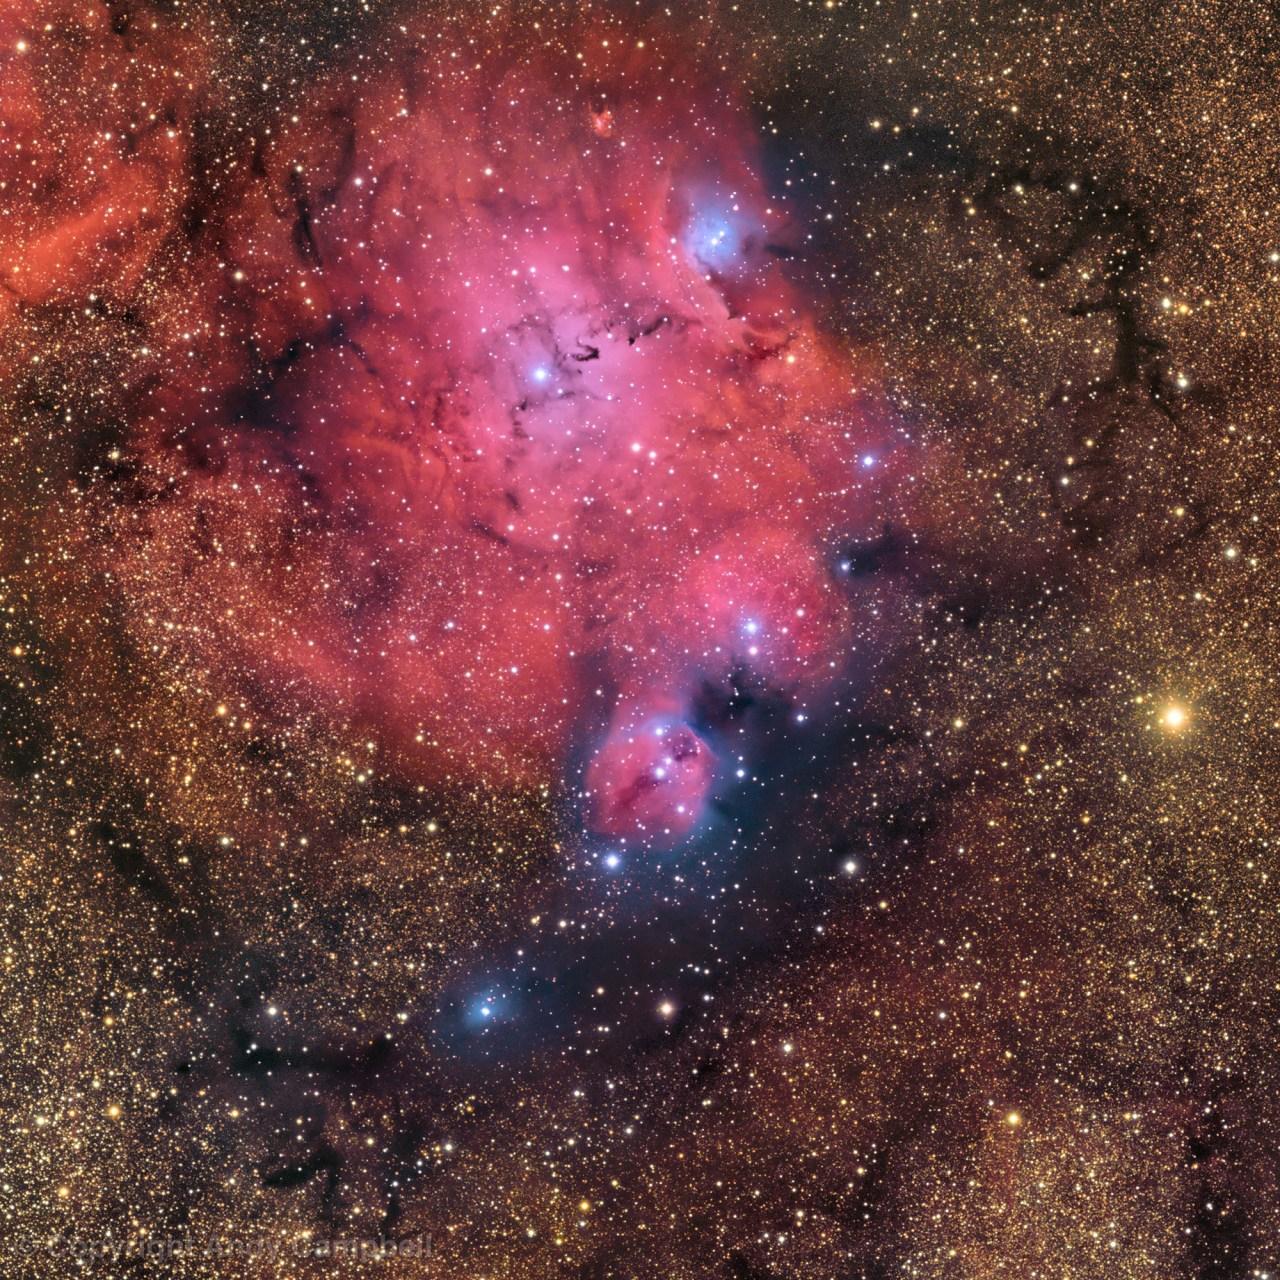 ic 4685 sagittarius nebula